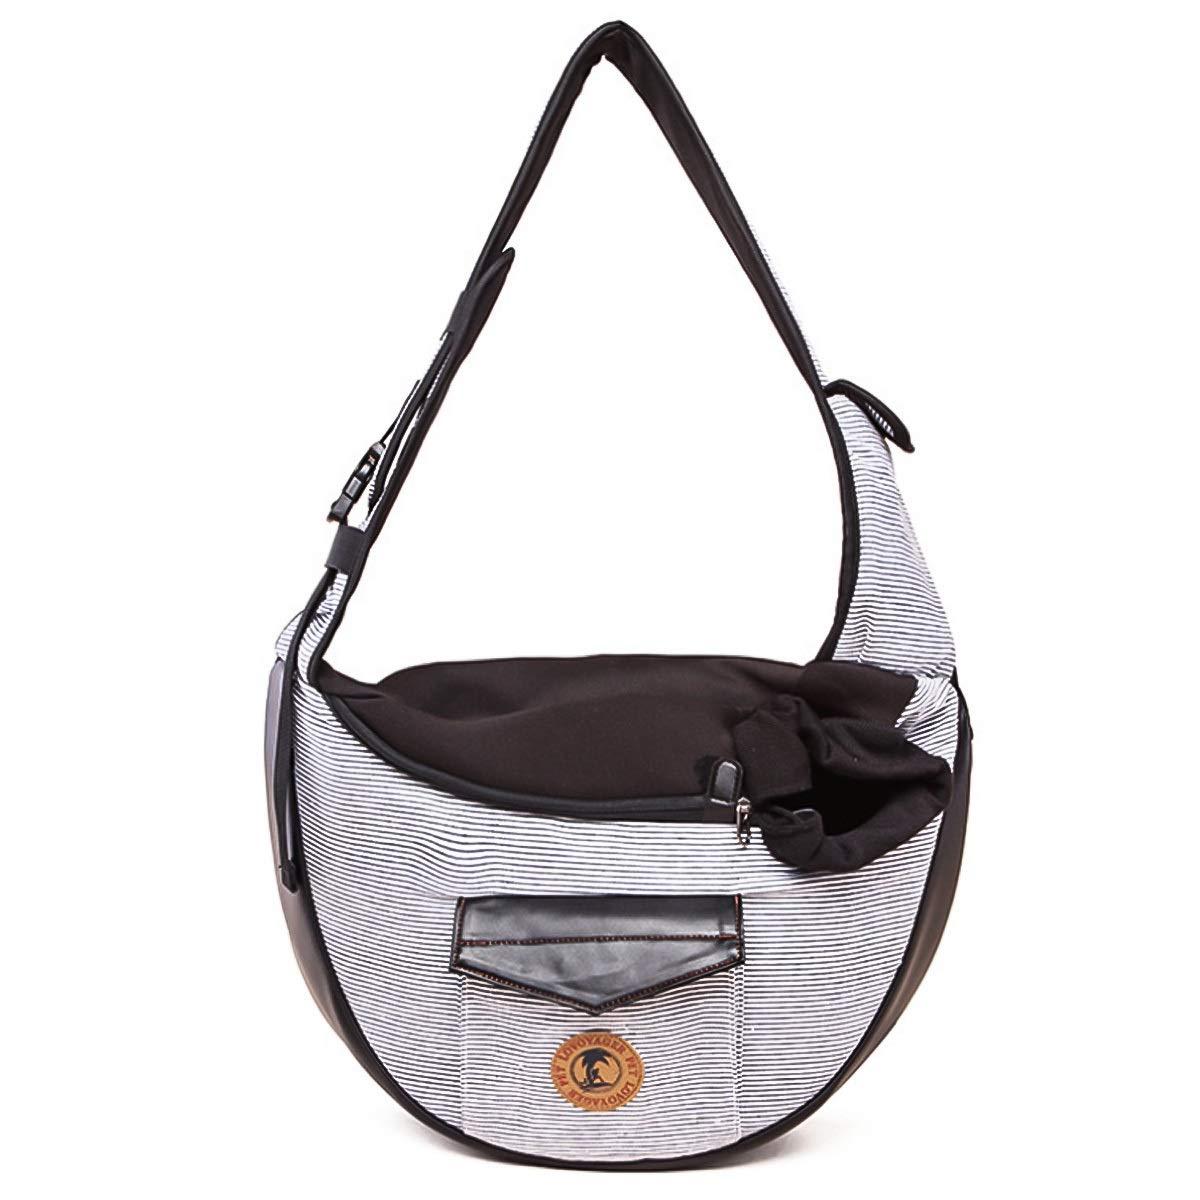 57d9bdb712b6 Amazon.com : Portable Pet Carrier Single Shoulder Crossbody Bag Cat ...